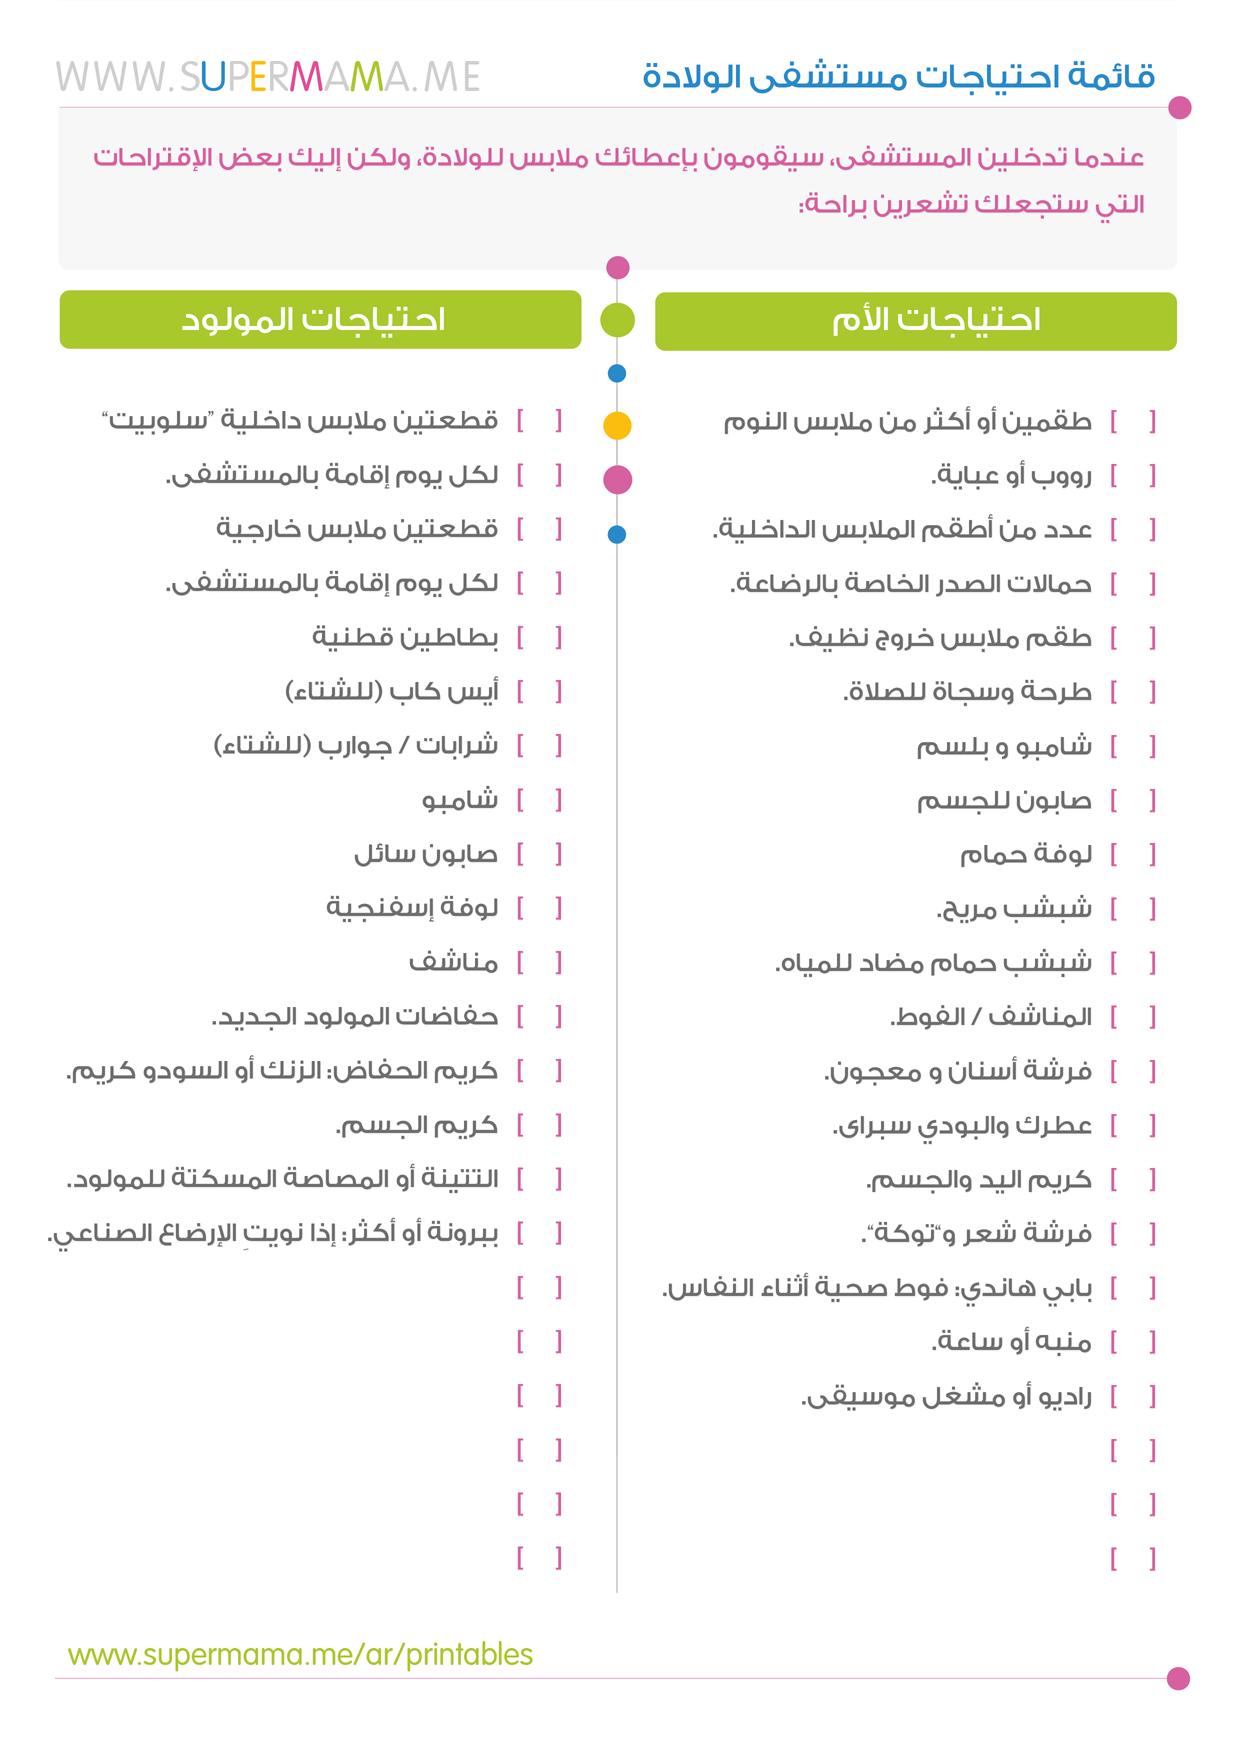 قائمة احتياجات مستشفى الولادة Baby Education Kids And Parenting Checklist